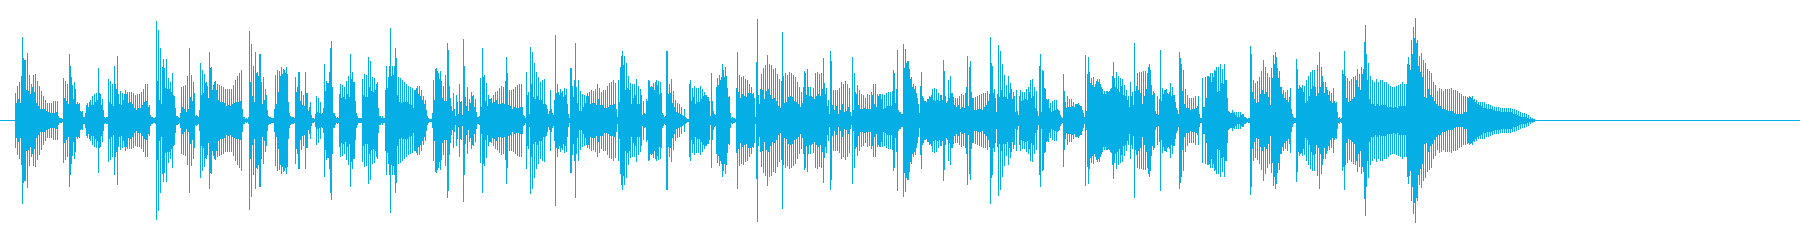 マウンテンミュージック、パーカッシ...の再生済みの波形